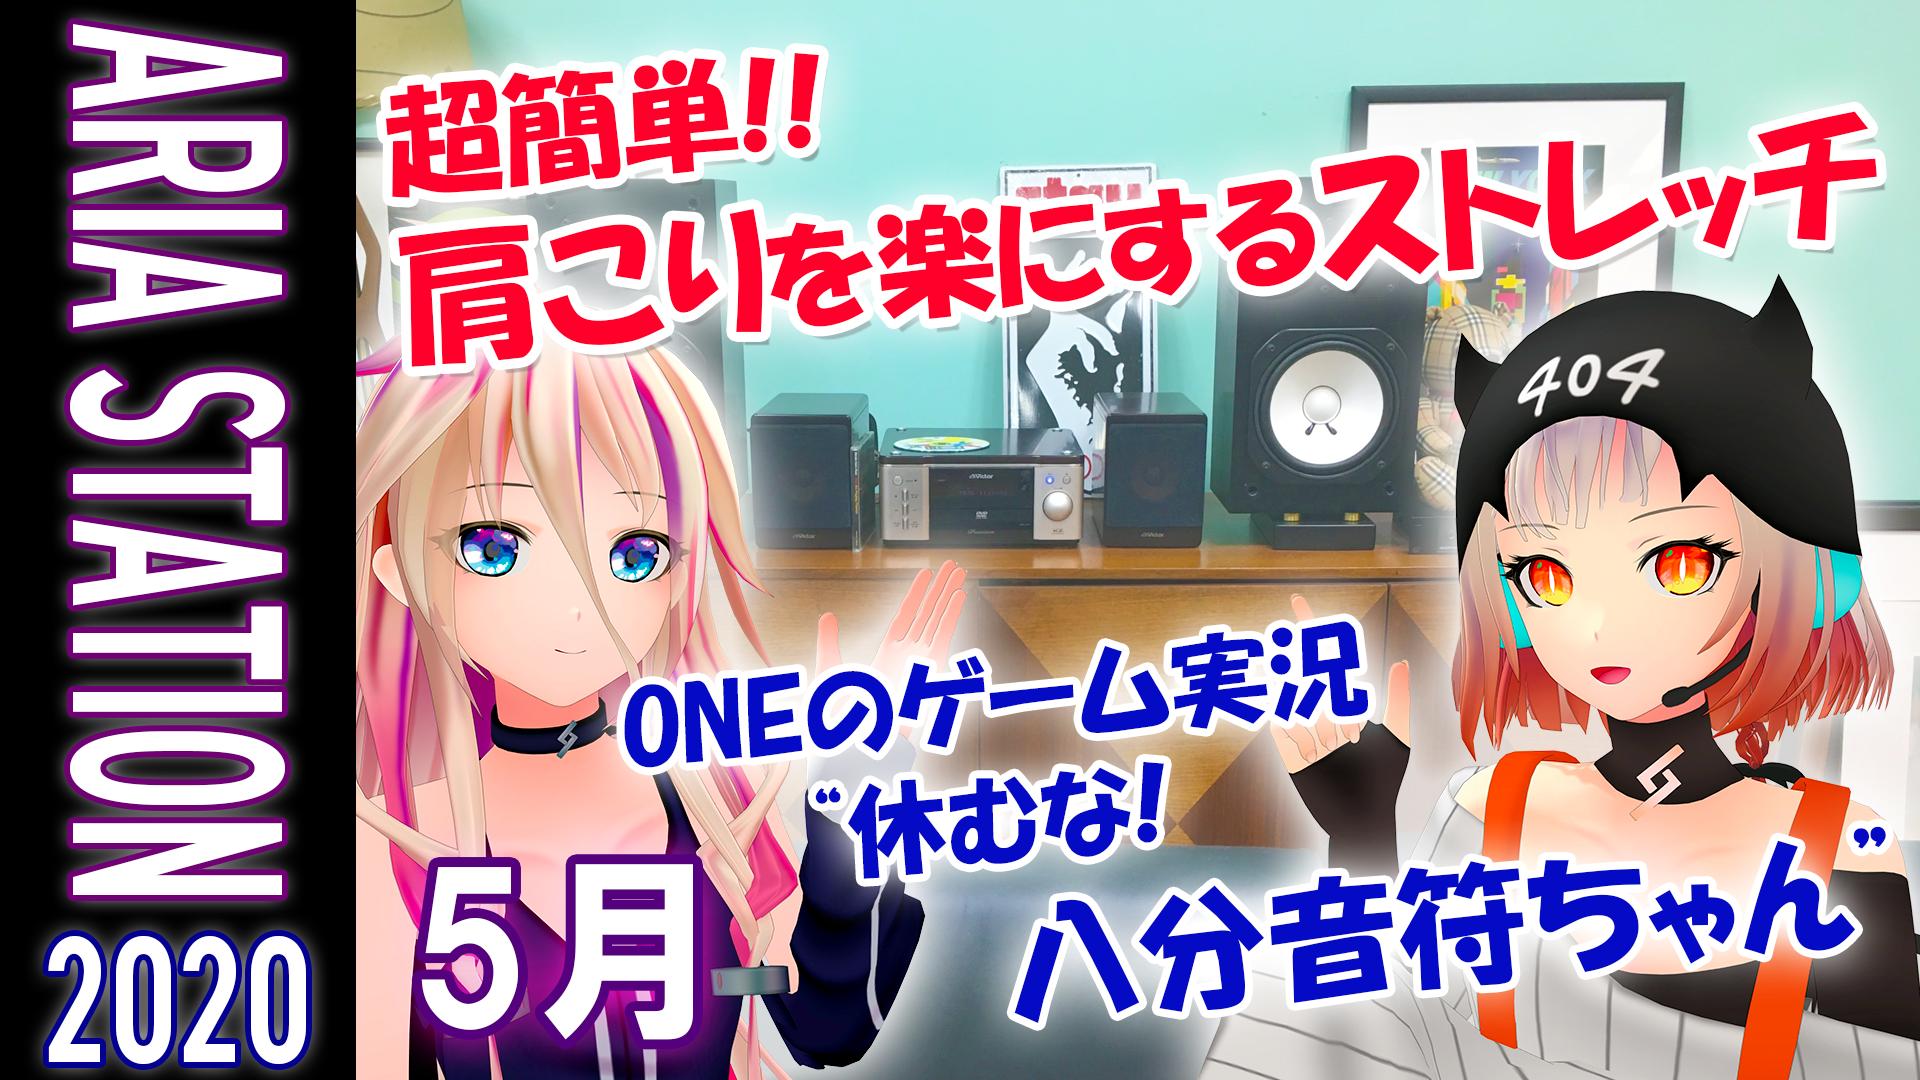 """ARIA STATION May 2020 「おうちで簡単エクササイズ!ONEによる """"休むな!八分音符ちゃん"""" 実況も!!」"""